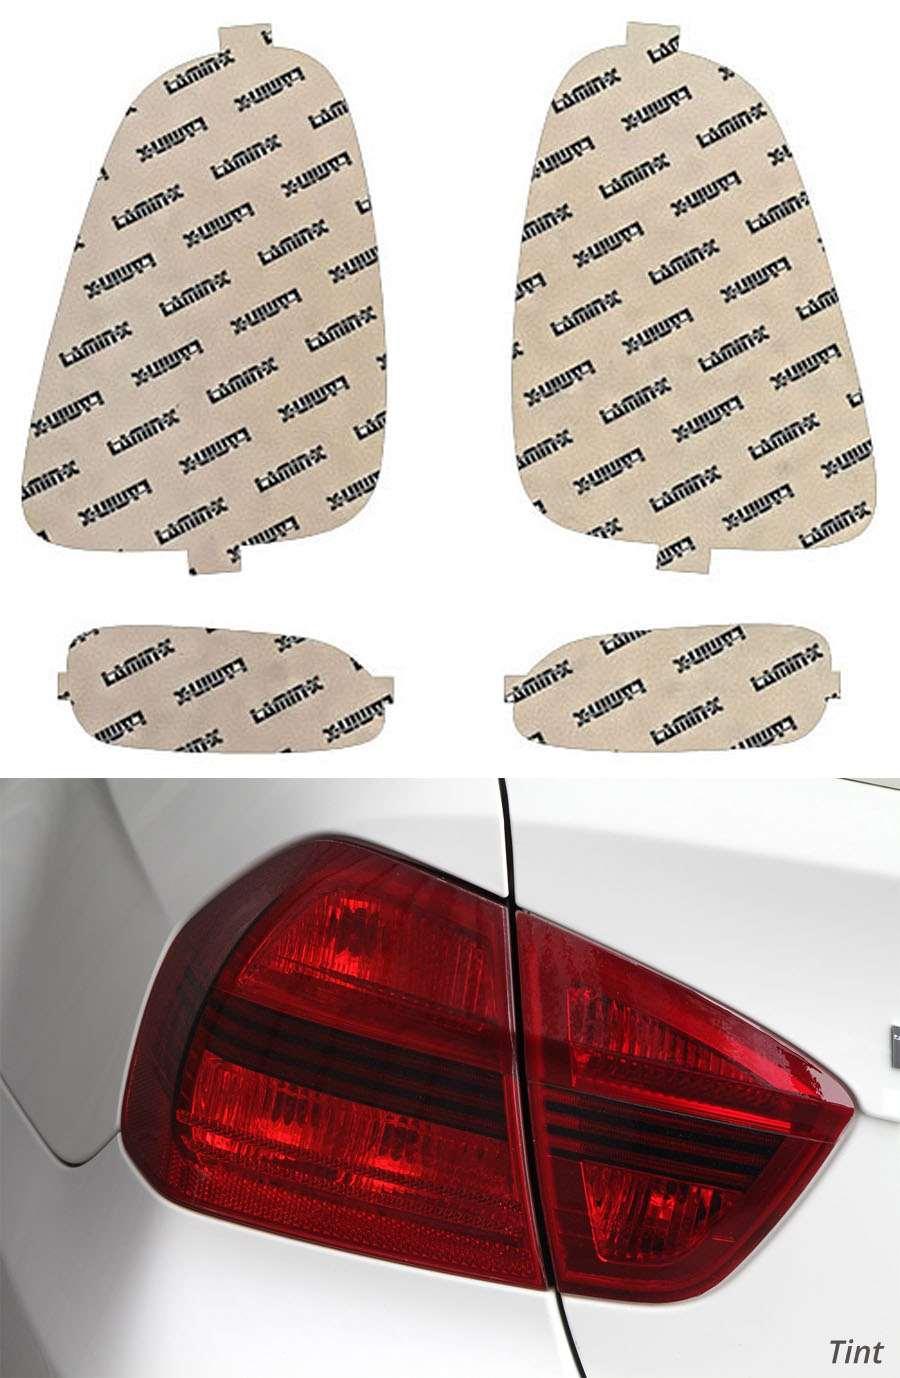 Mini Cooper S 07-10 Tint Tail Light Covers Lamin-X MN207-1T